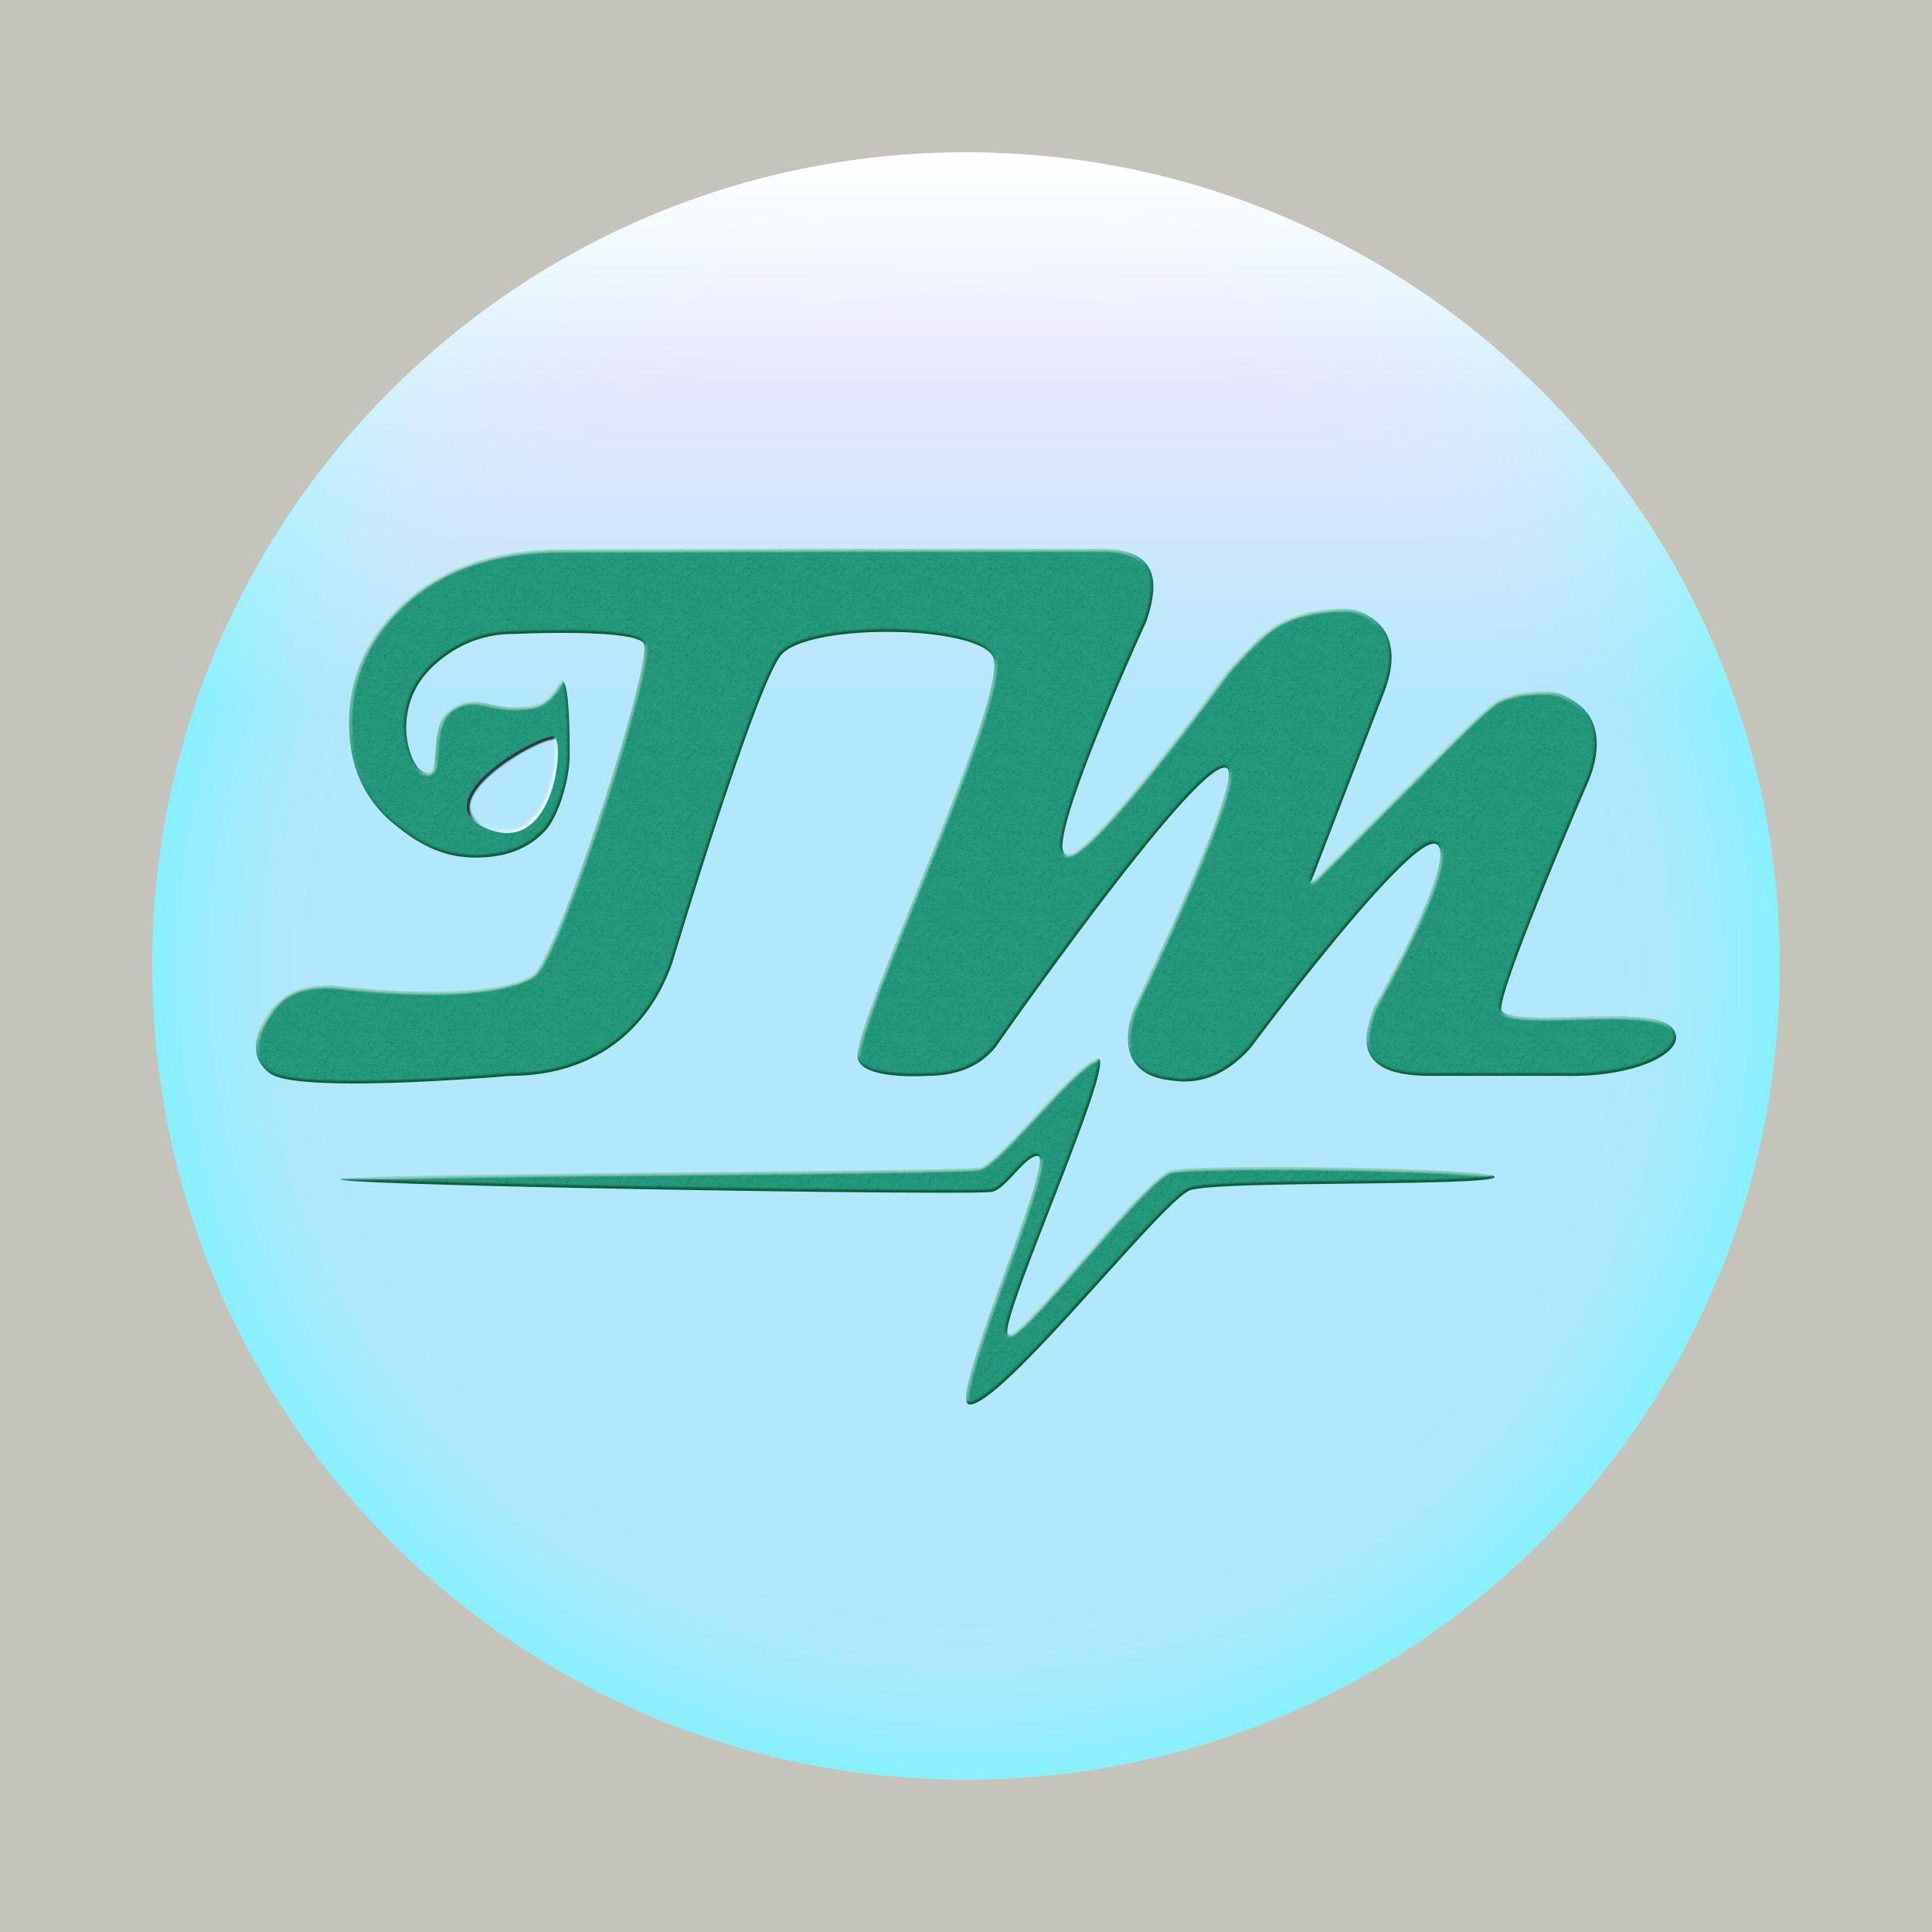 Логотип для интернет-магазина медтехники - дизайнер Djuc